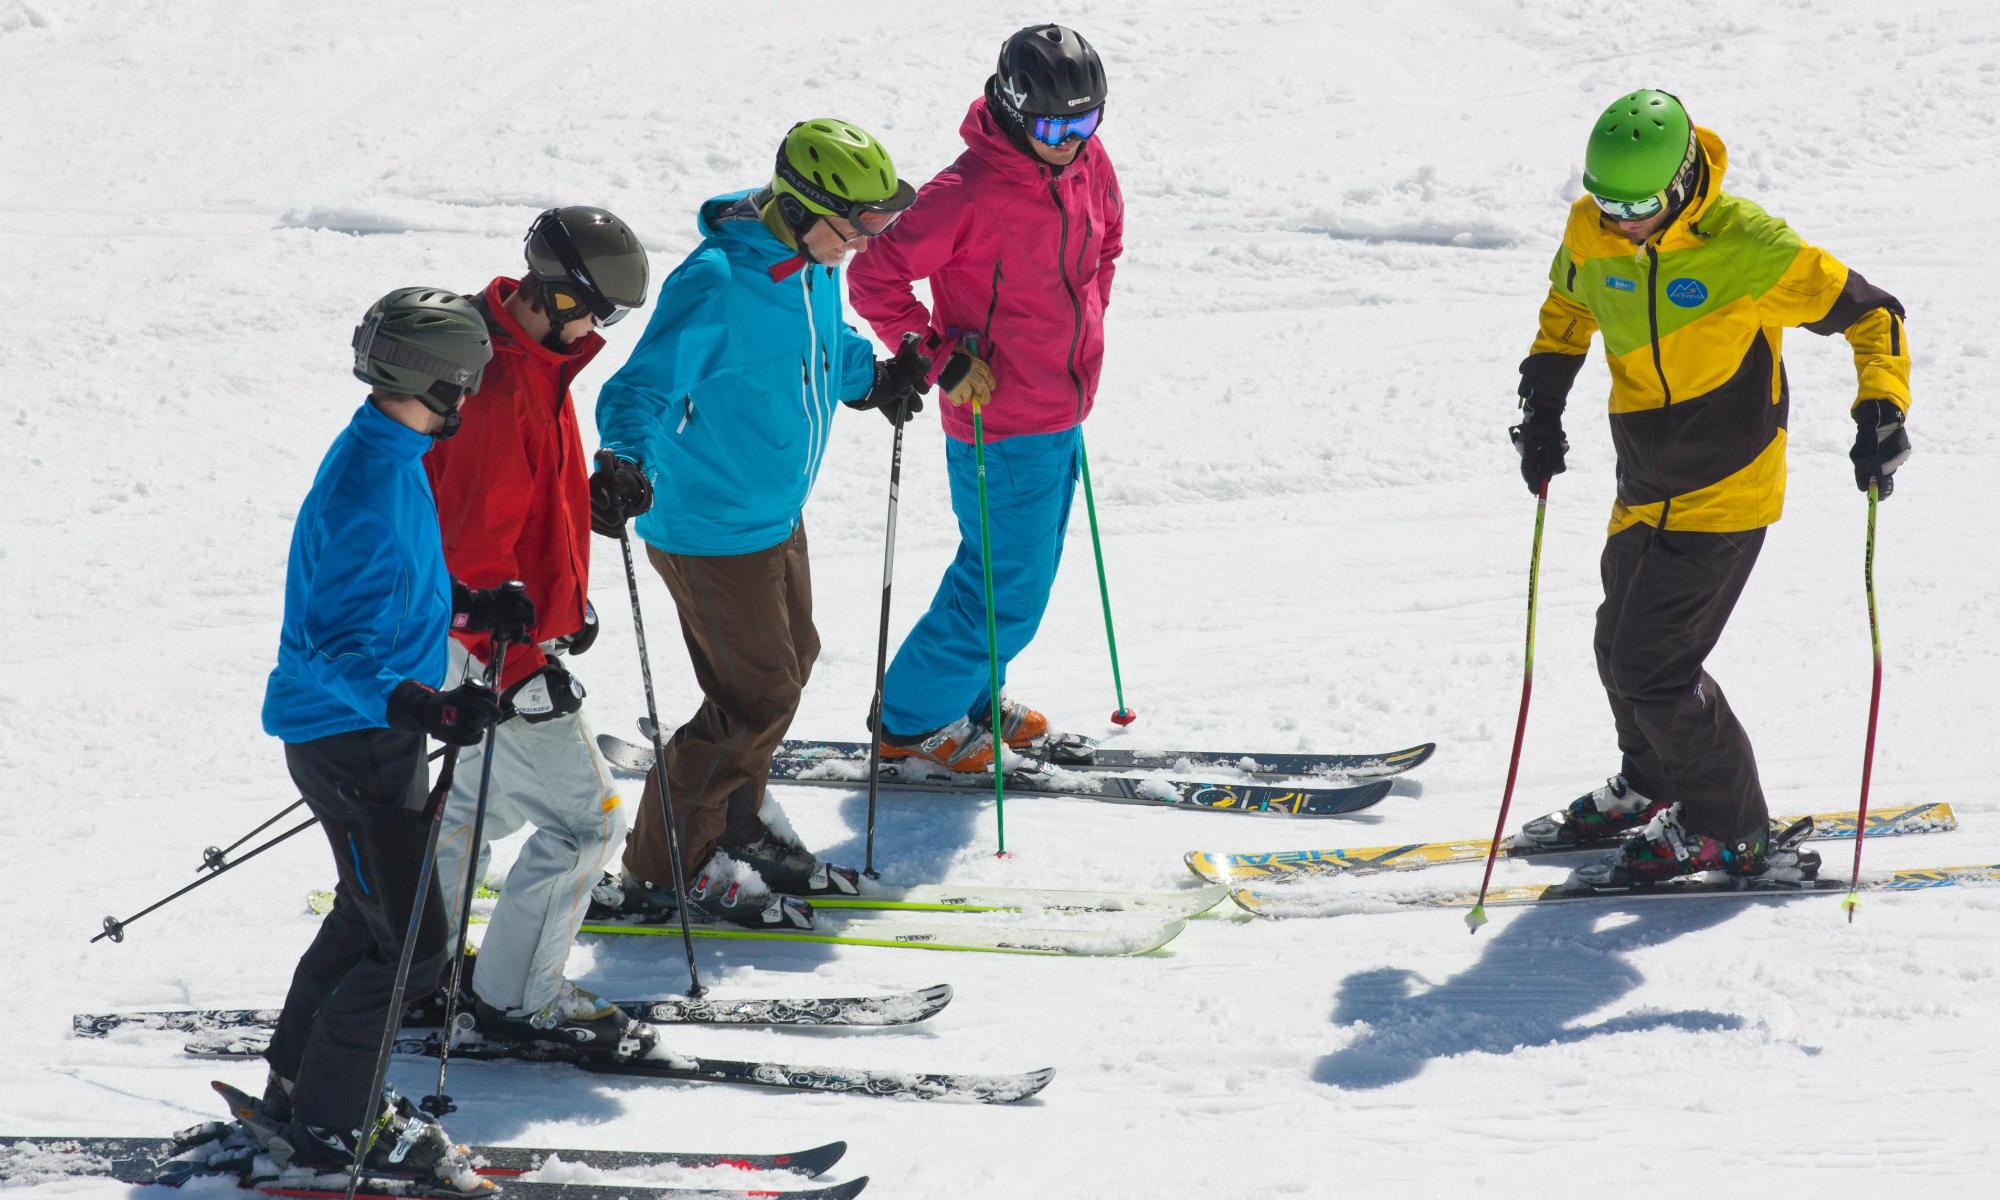 Ein Skilehrer der Skischule Montevia erklärt 4 Erwachsenen die Skitechnik.